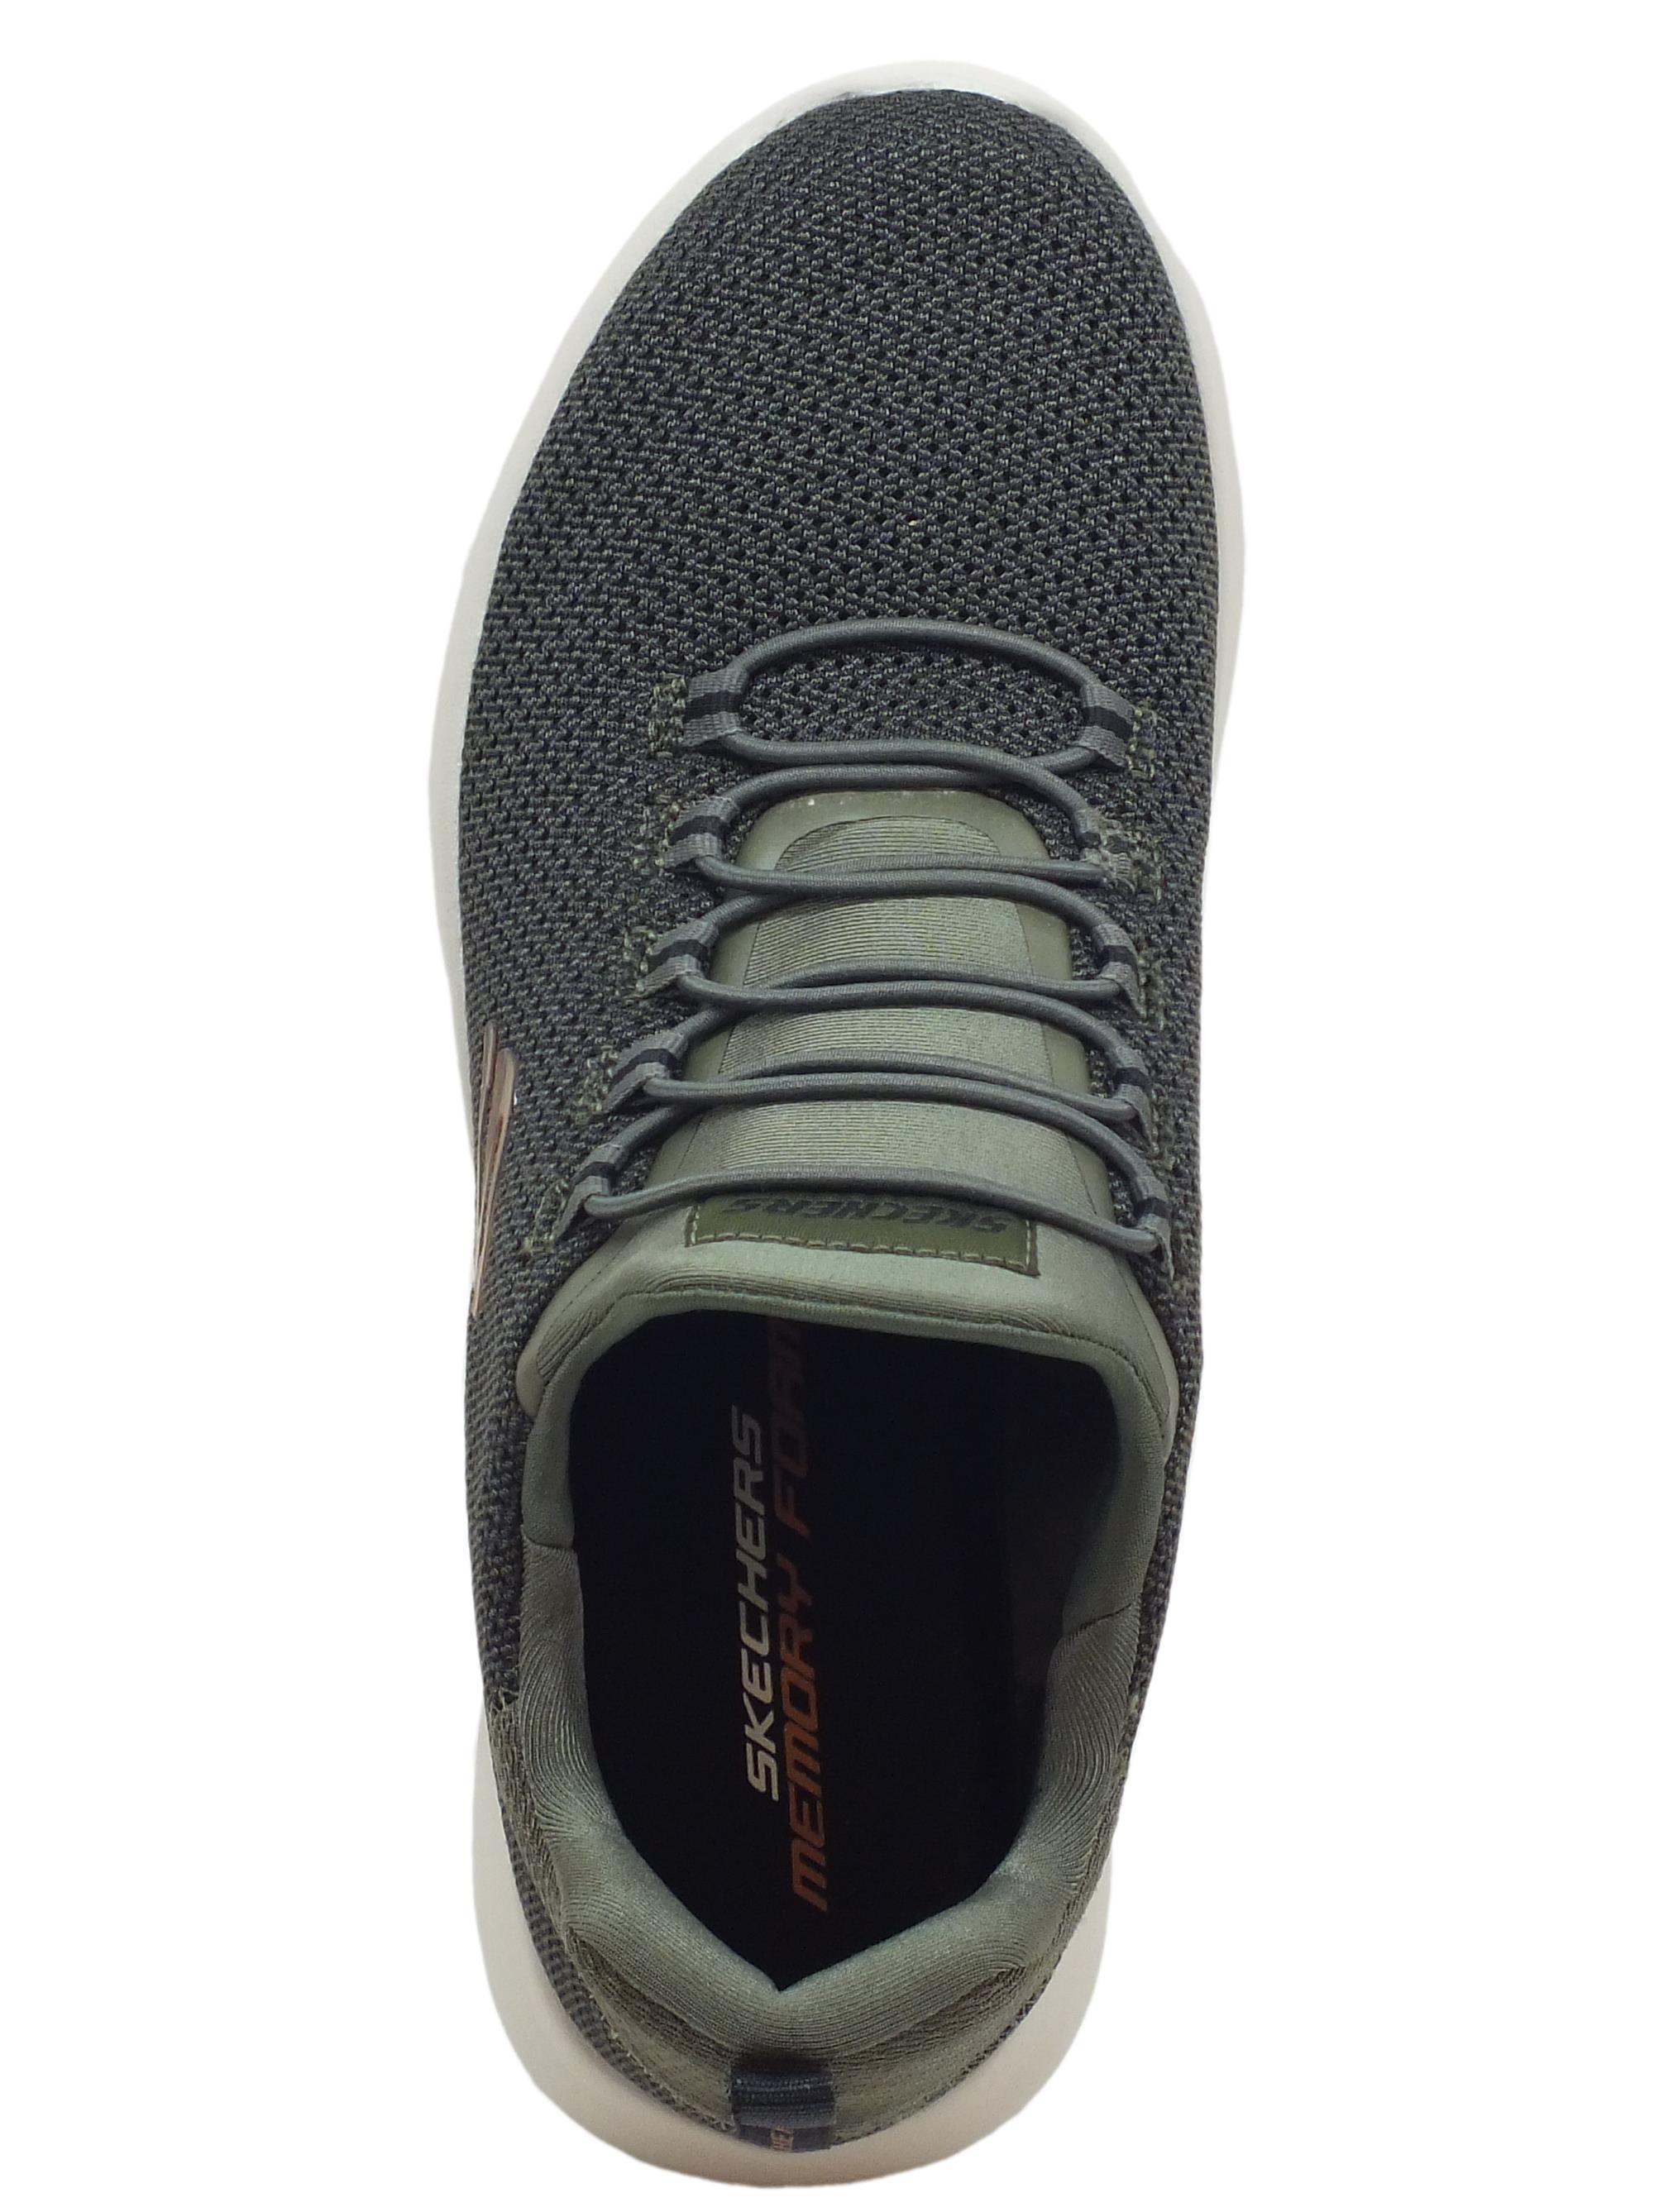 ... Scarpe Skechers Sport per uomo in tessuto colore oliva allaccio rapido cb7a6574b9f